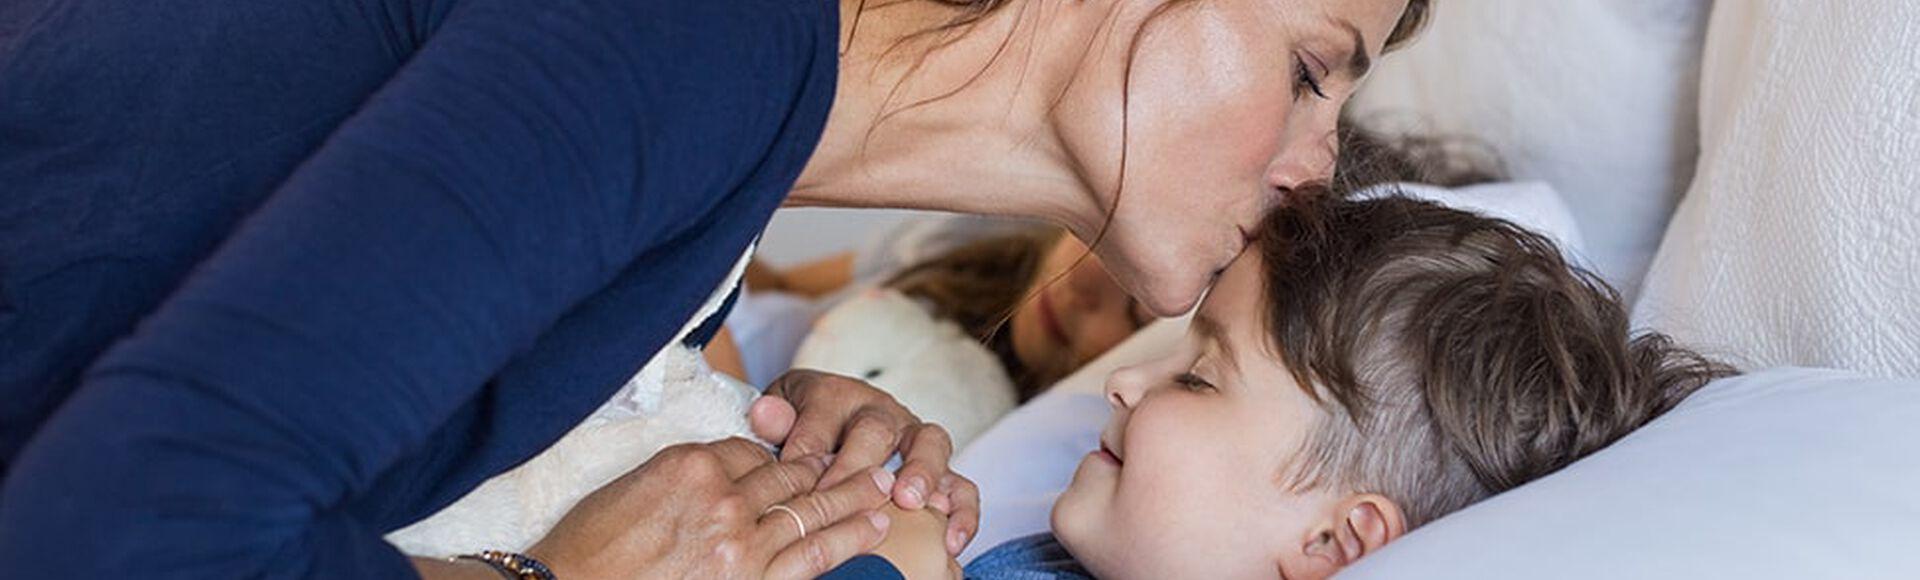 Madre le desea dulces sueños a su hijo